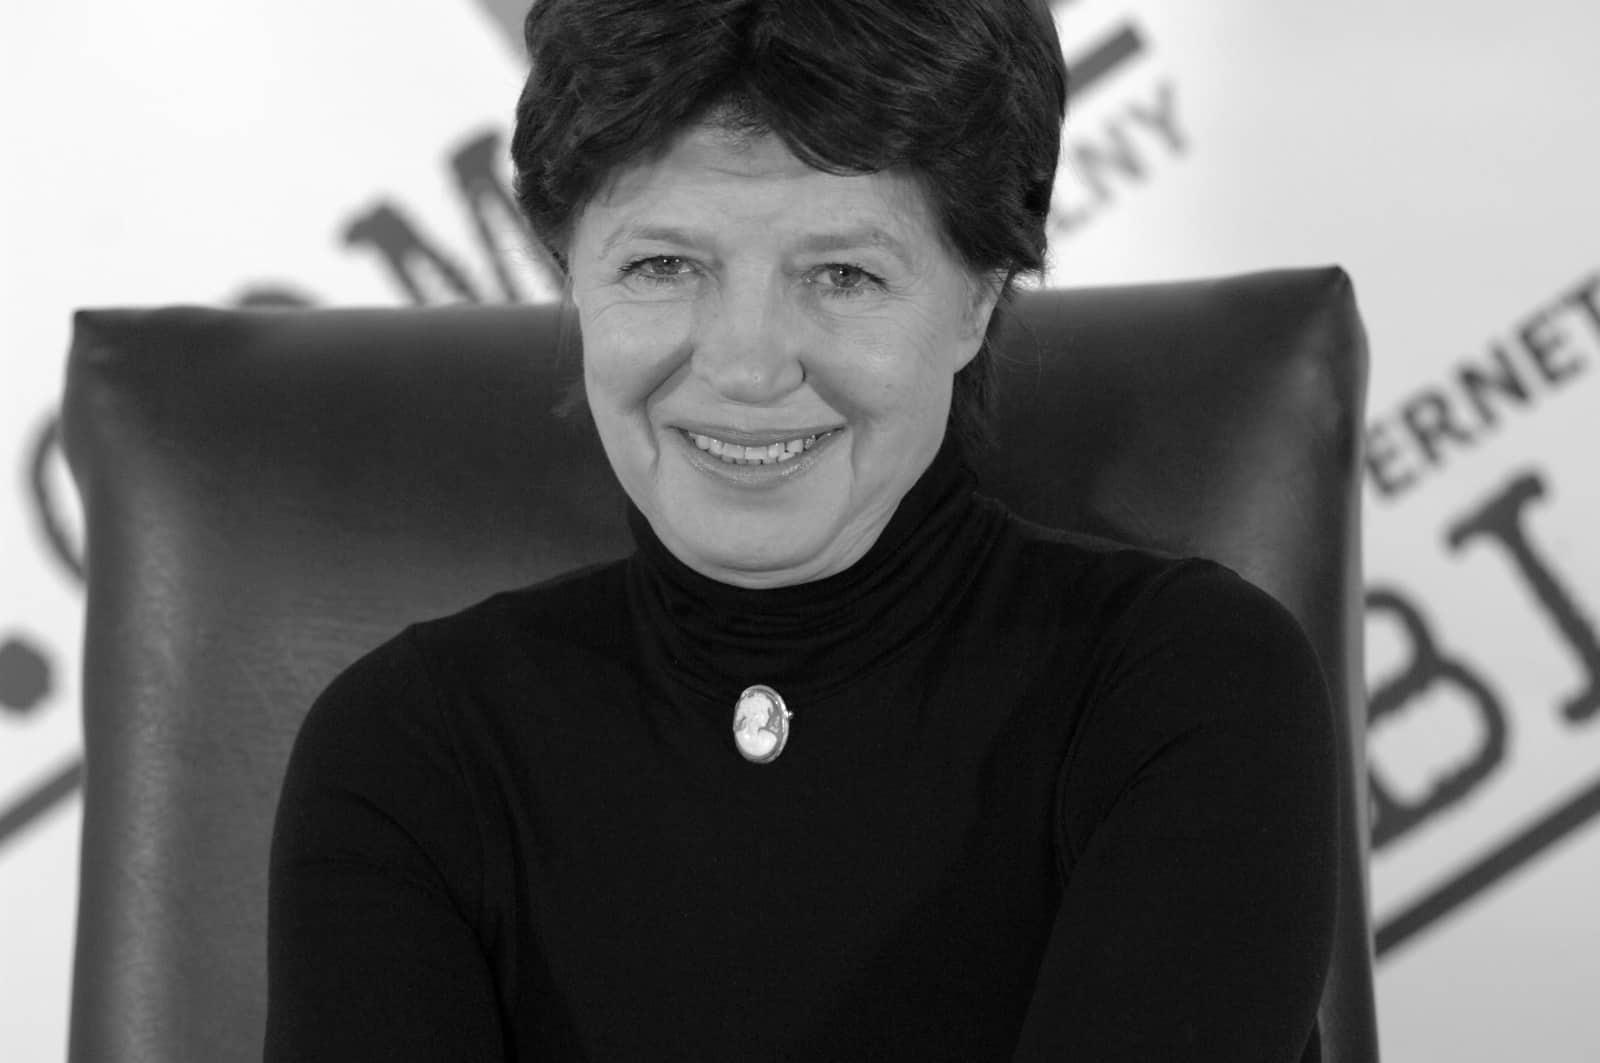 Izabella Sierakowska